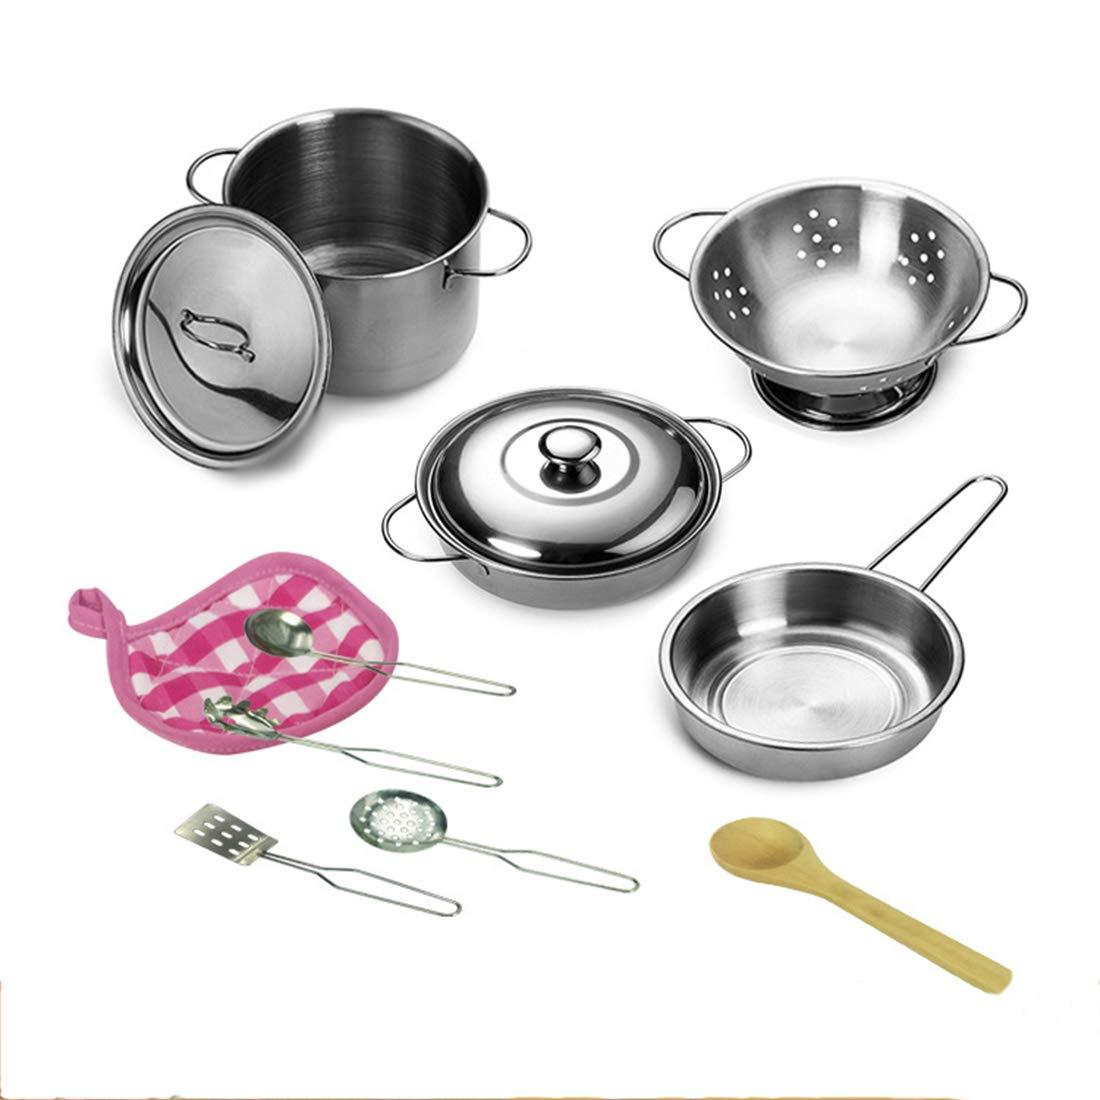 YVSoo 12 Piezas Utensilios Cocina Juguetes, Accesorios Cocina Juguetes, Cacharritos Cocina Juguetes Set Juego de Imitación para Niños